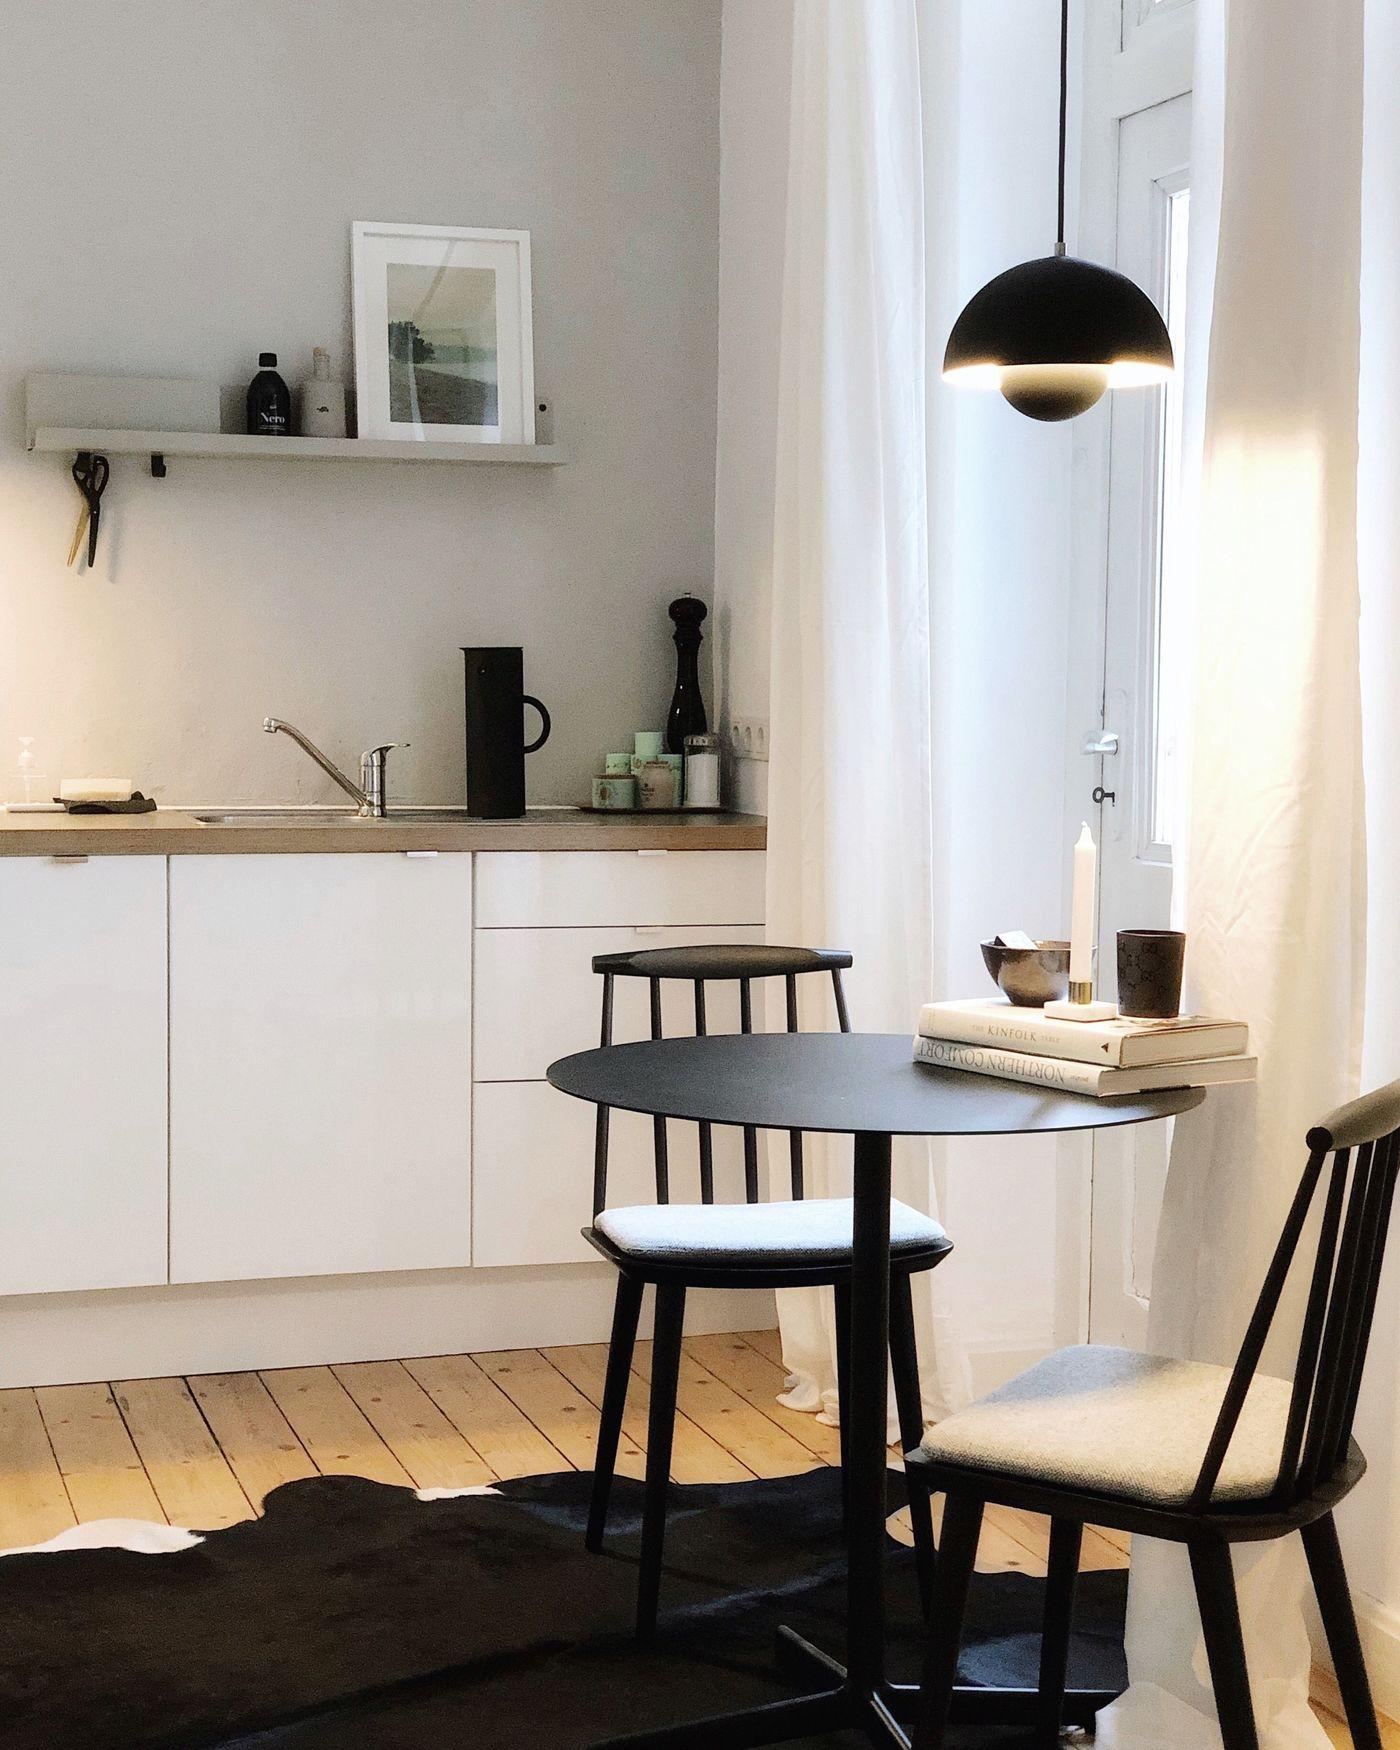 Schwedische Kuchenmobel Landhausstil Caseconrad Com